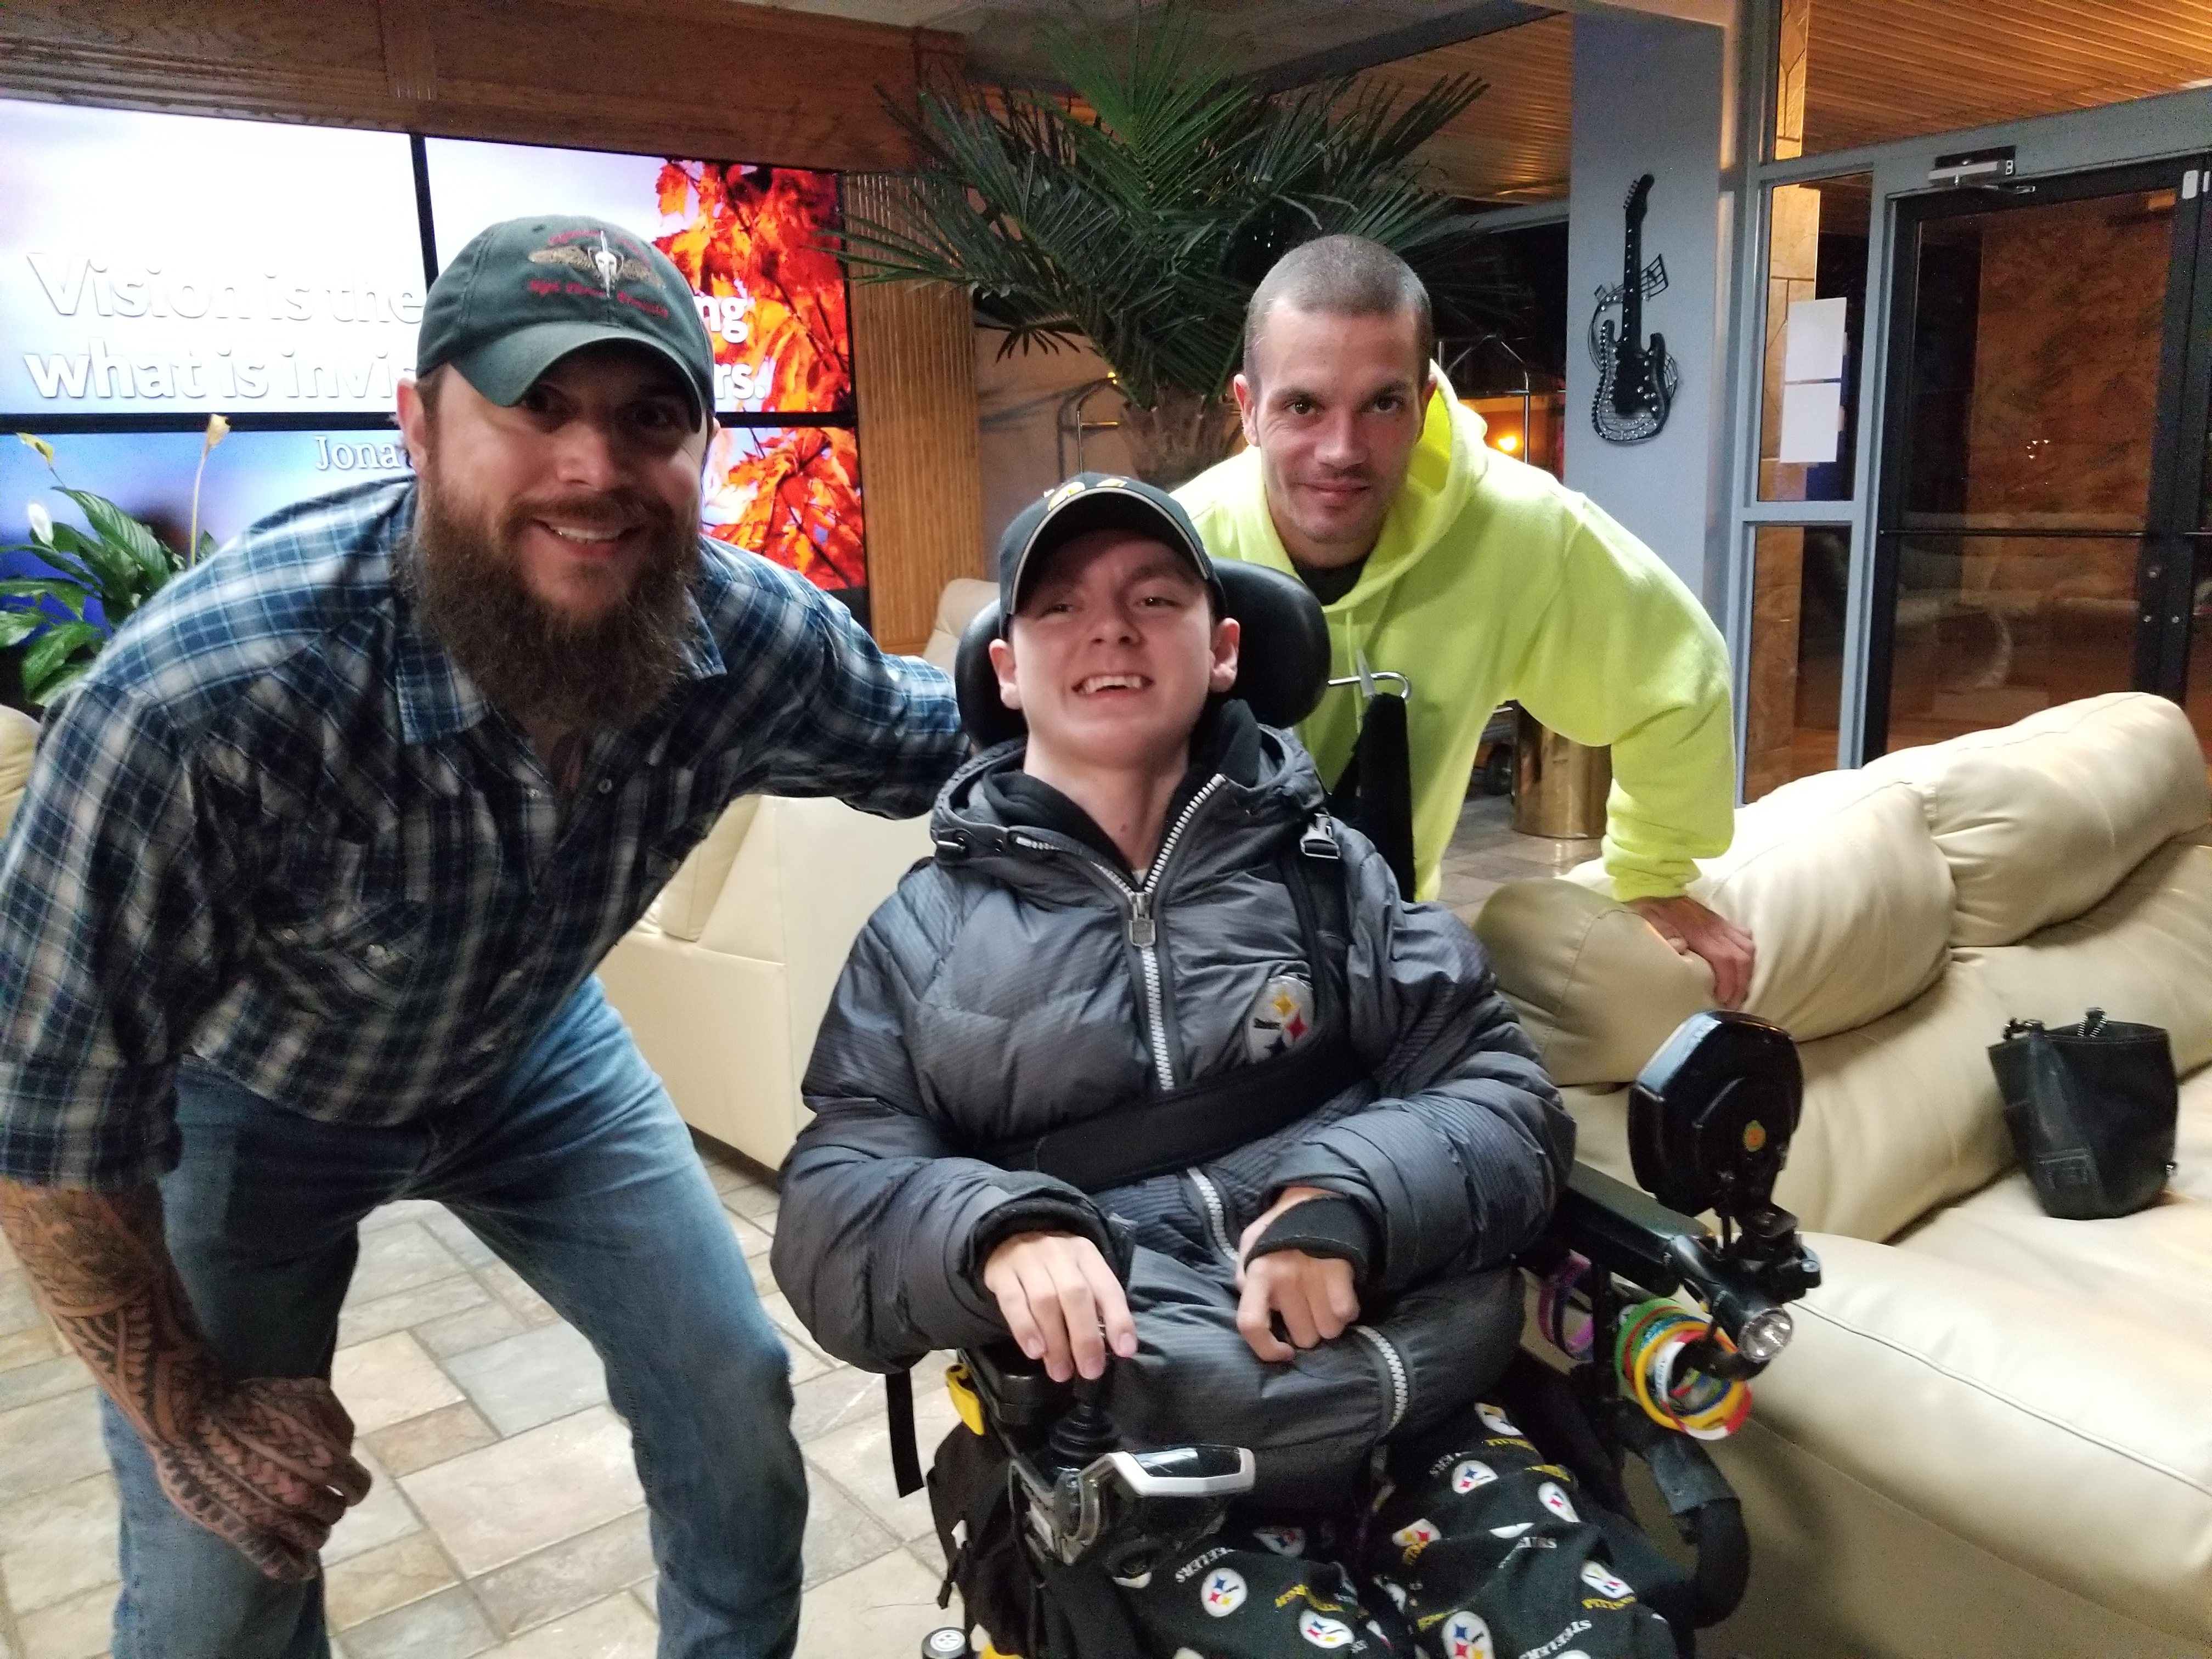 Veterans Opioid Addiction Treatment Sebastian Rucci Caliparc.com